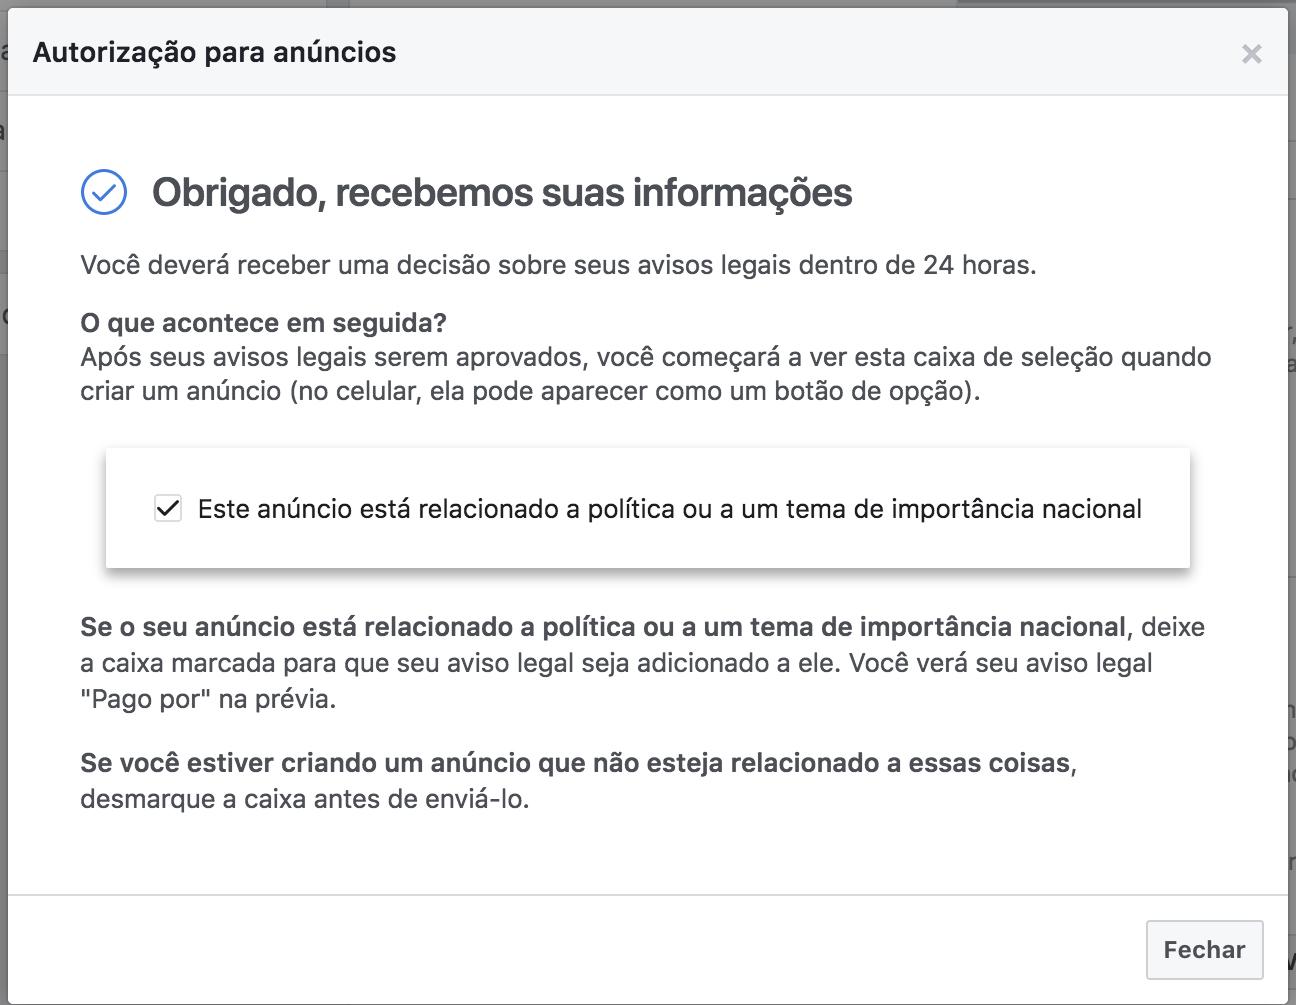 autorização para anúncios políticos facebook